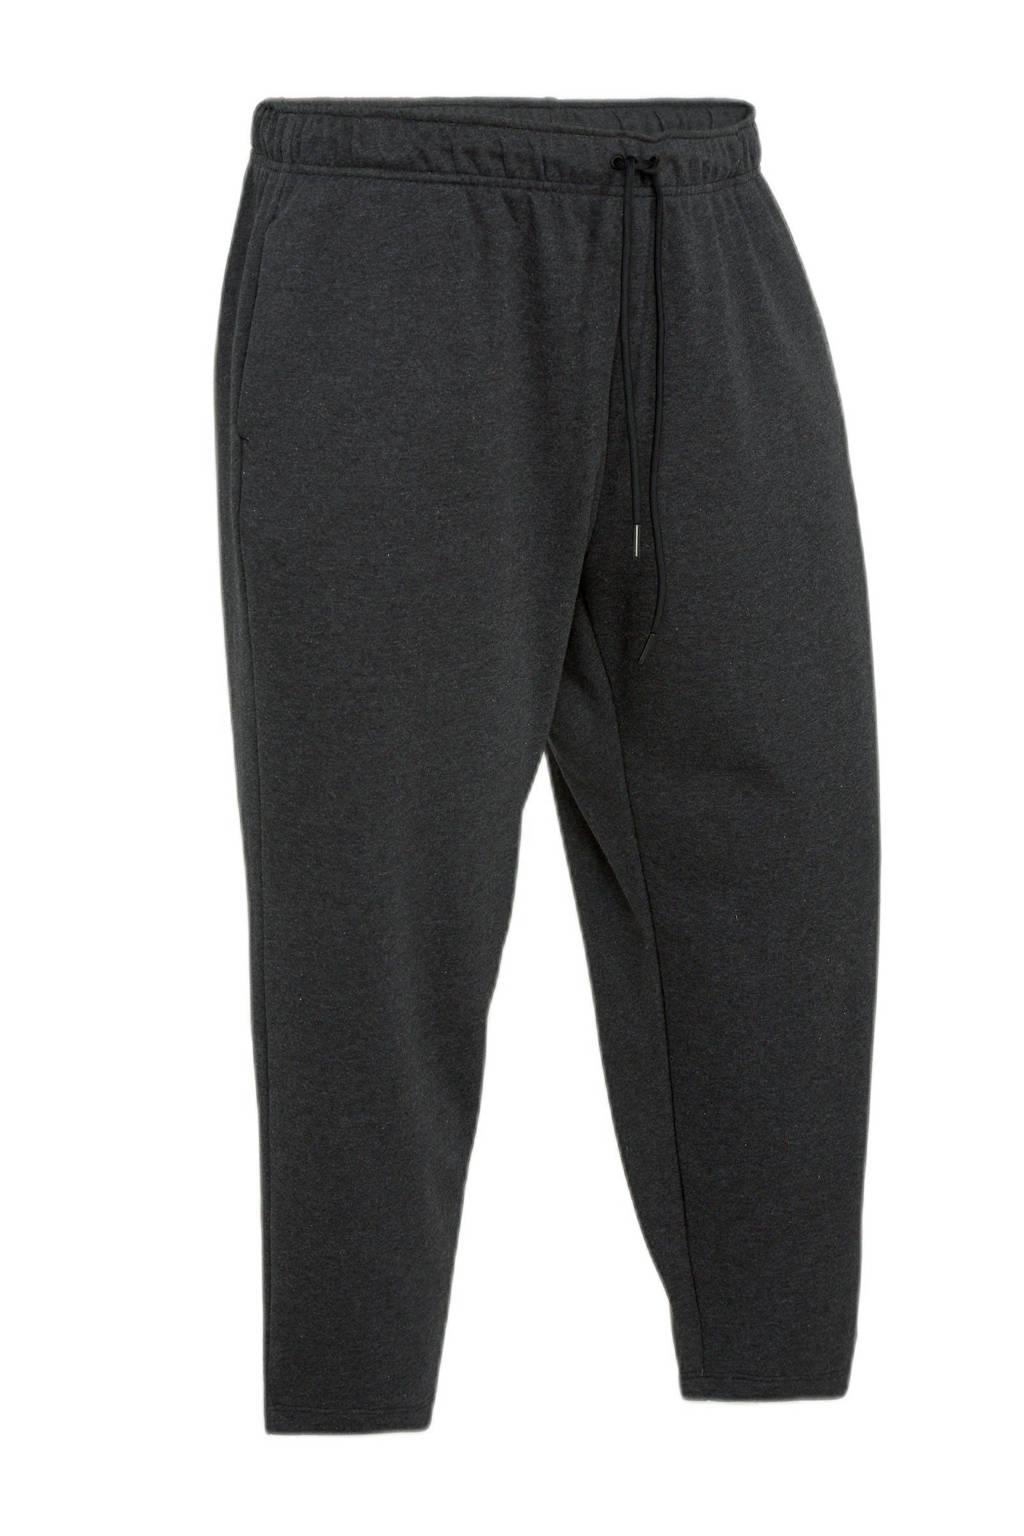 Nike regular fit broek met logo zwart, Zwart